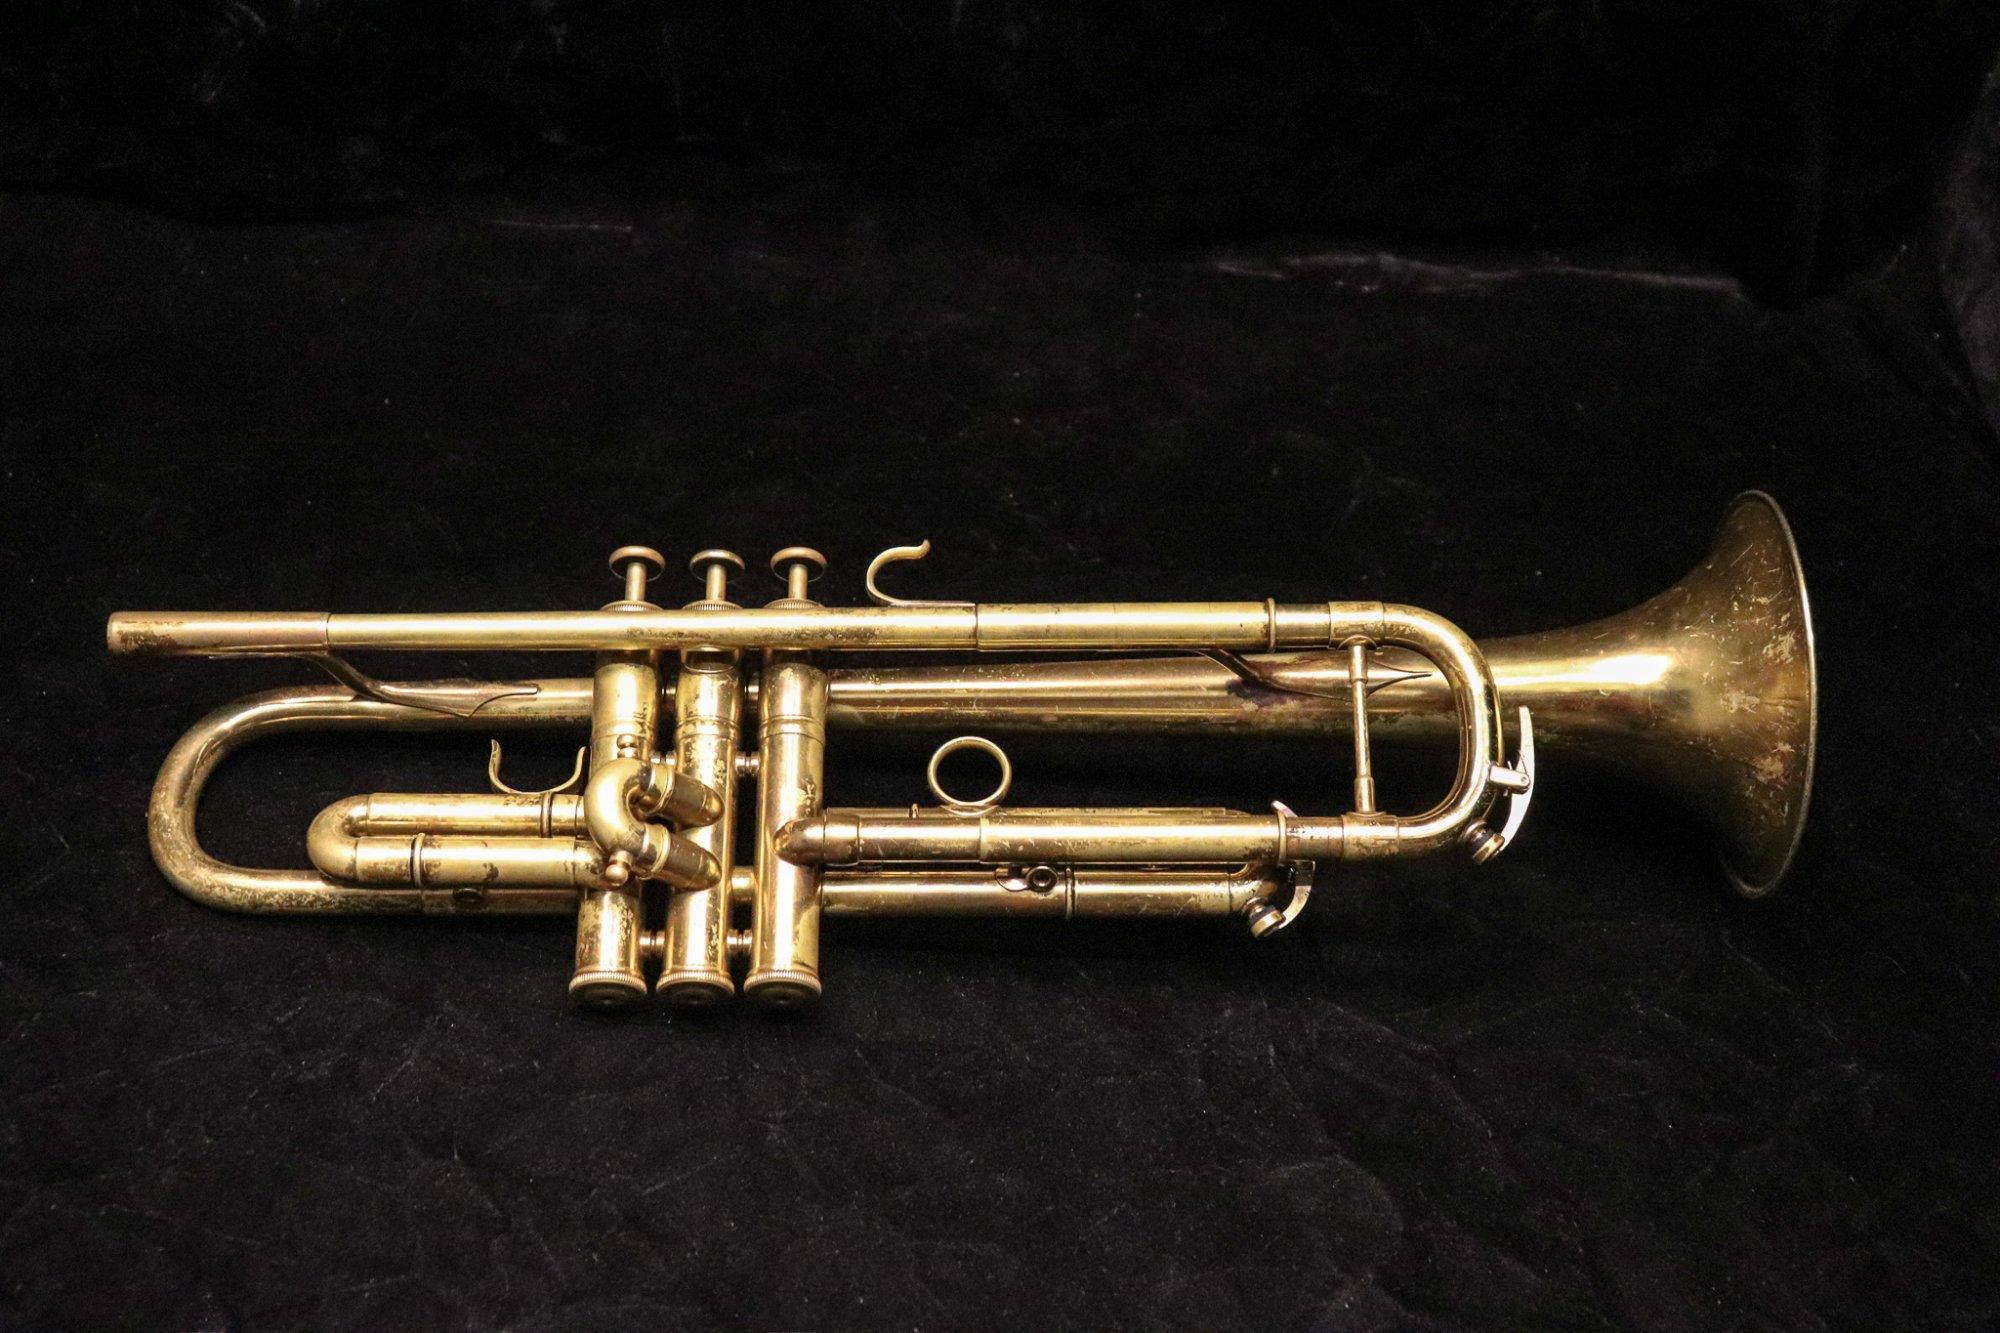 1967 Calicchio 2s/1 Bb Trumpet